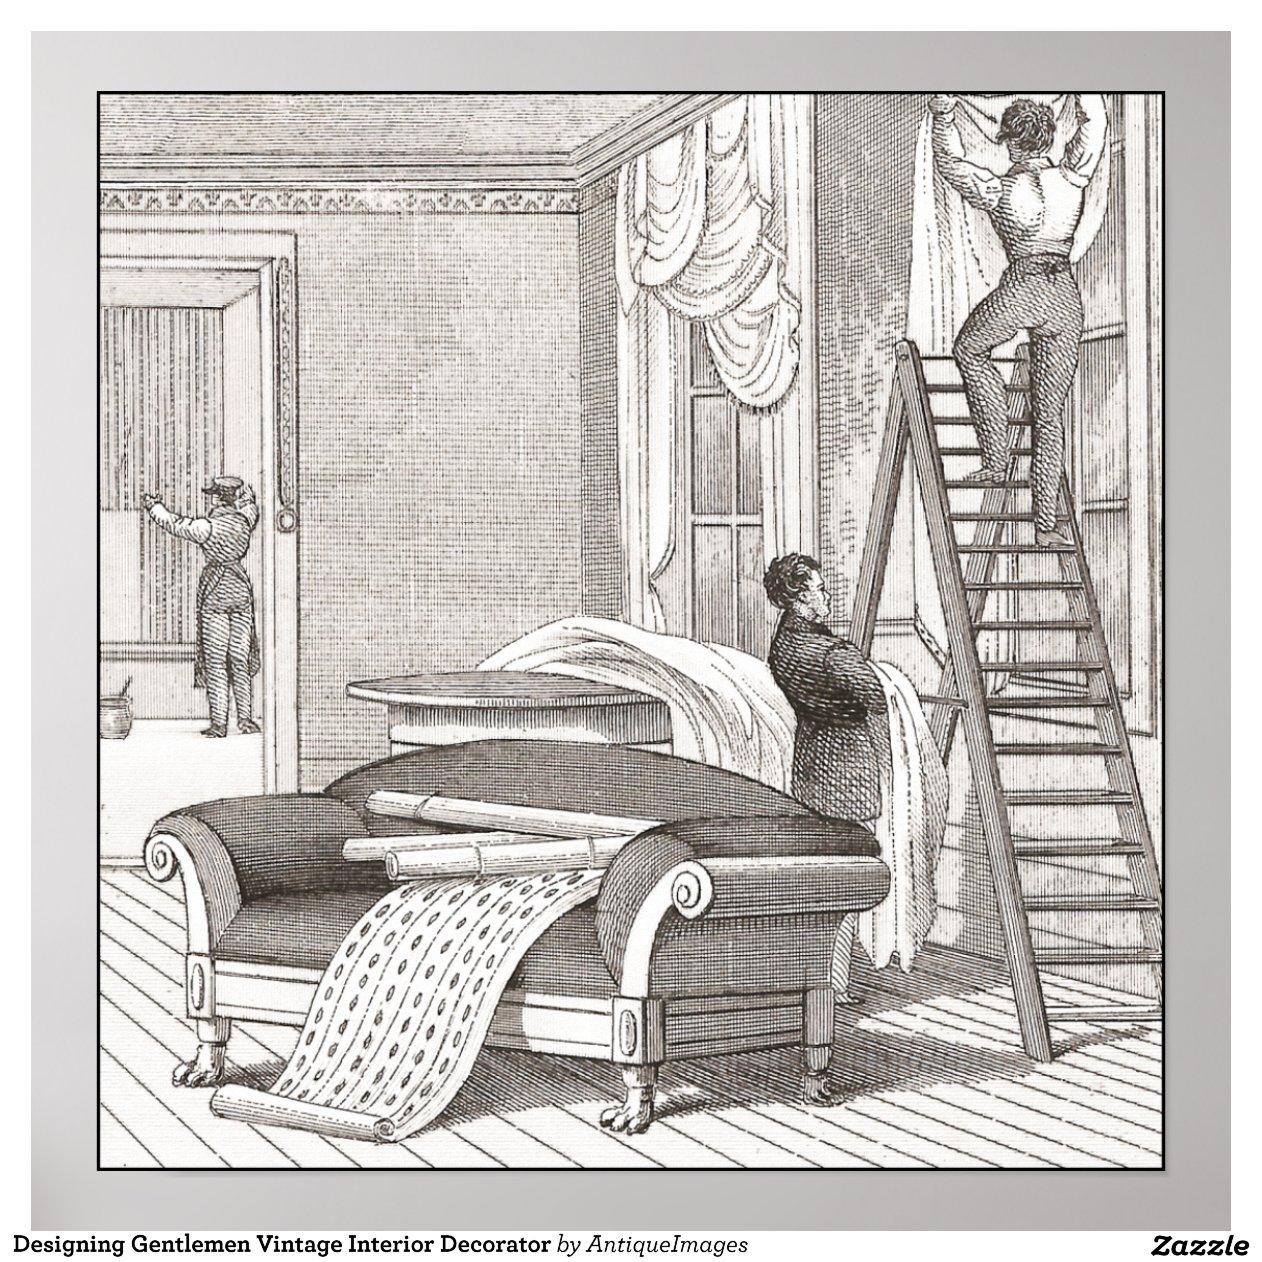 Dise o del decorador de interiores del vintage de posters for Decorador de interiores hernani